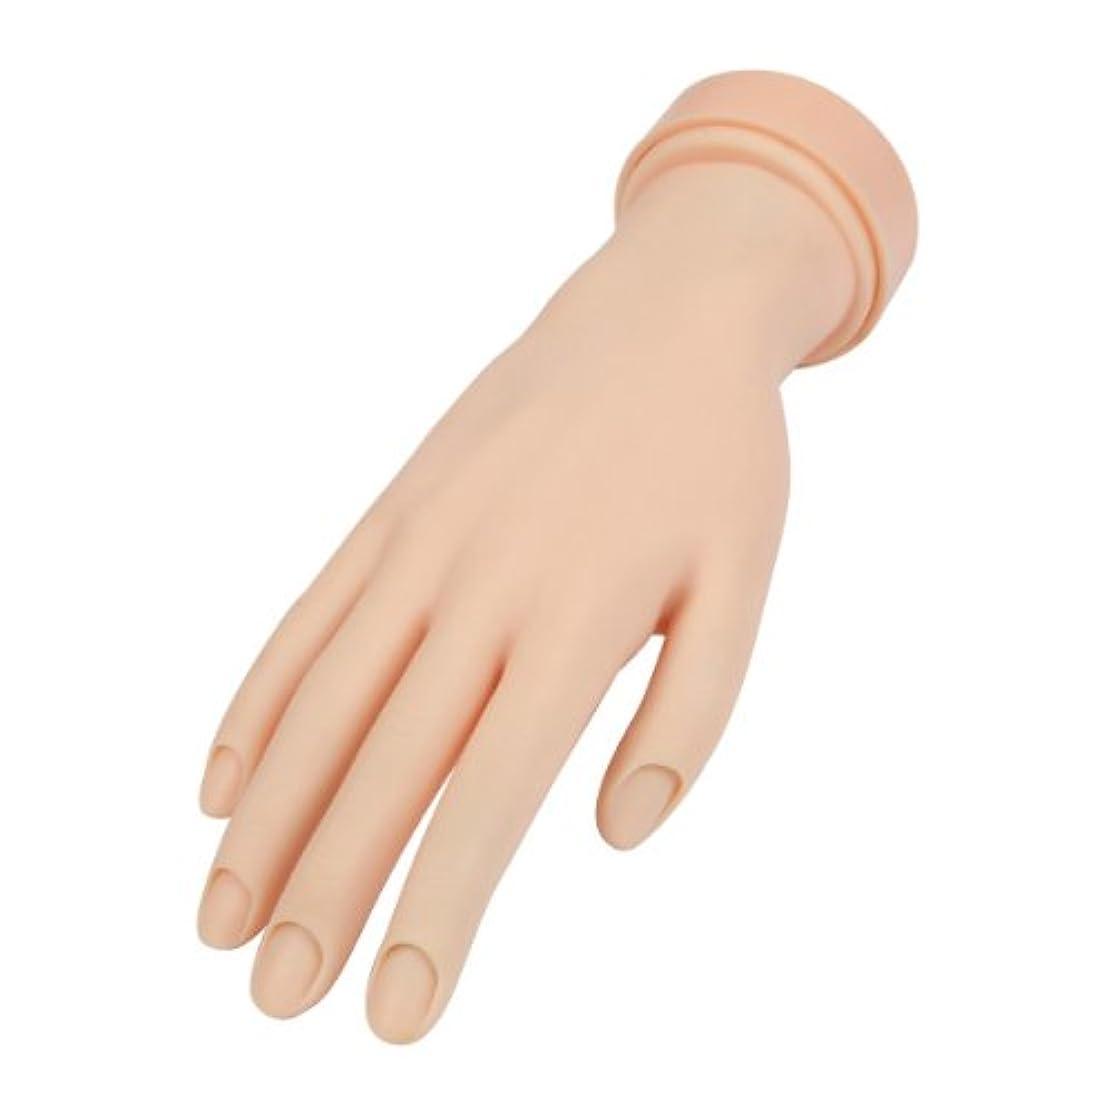 ズームインする漏斗説明的トレーニングハンド (ネイル用) 右手 [ 練習用マネキン 手 指 ハンドマネキン マネキン 施術 トレーニング ]